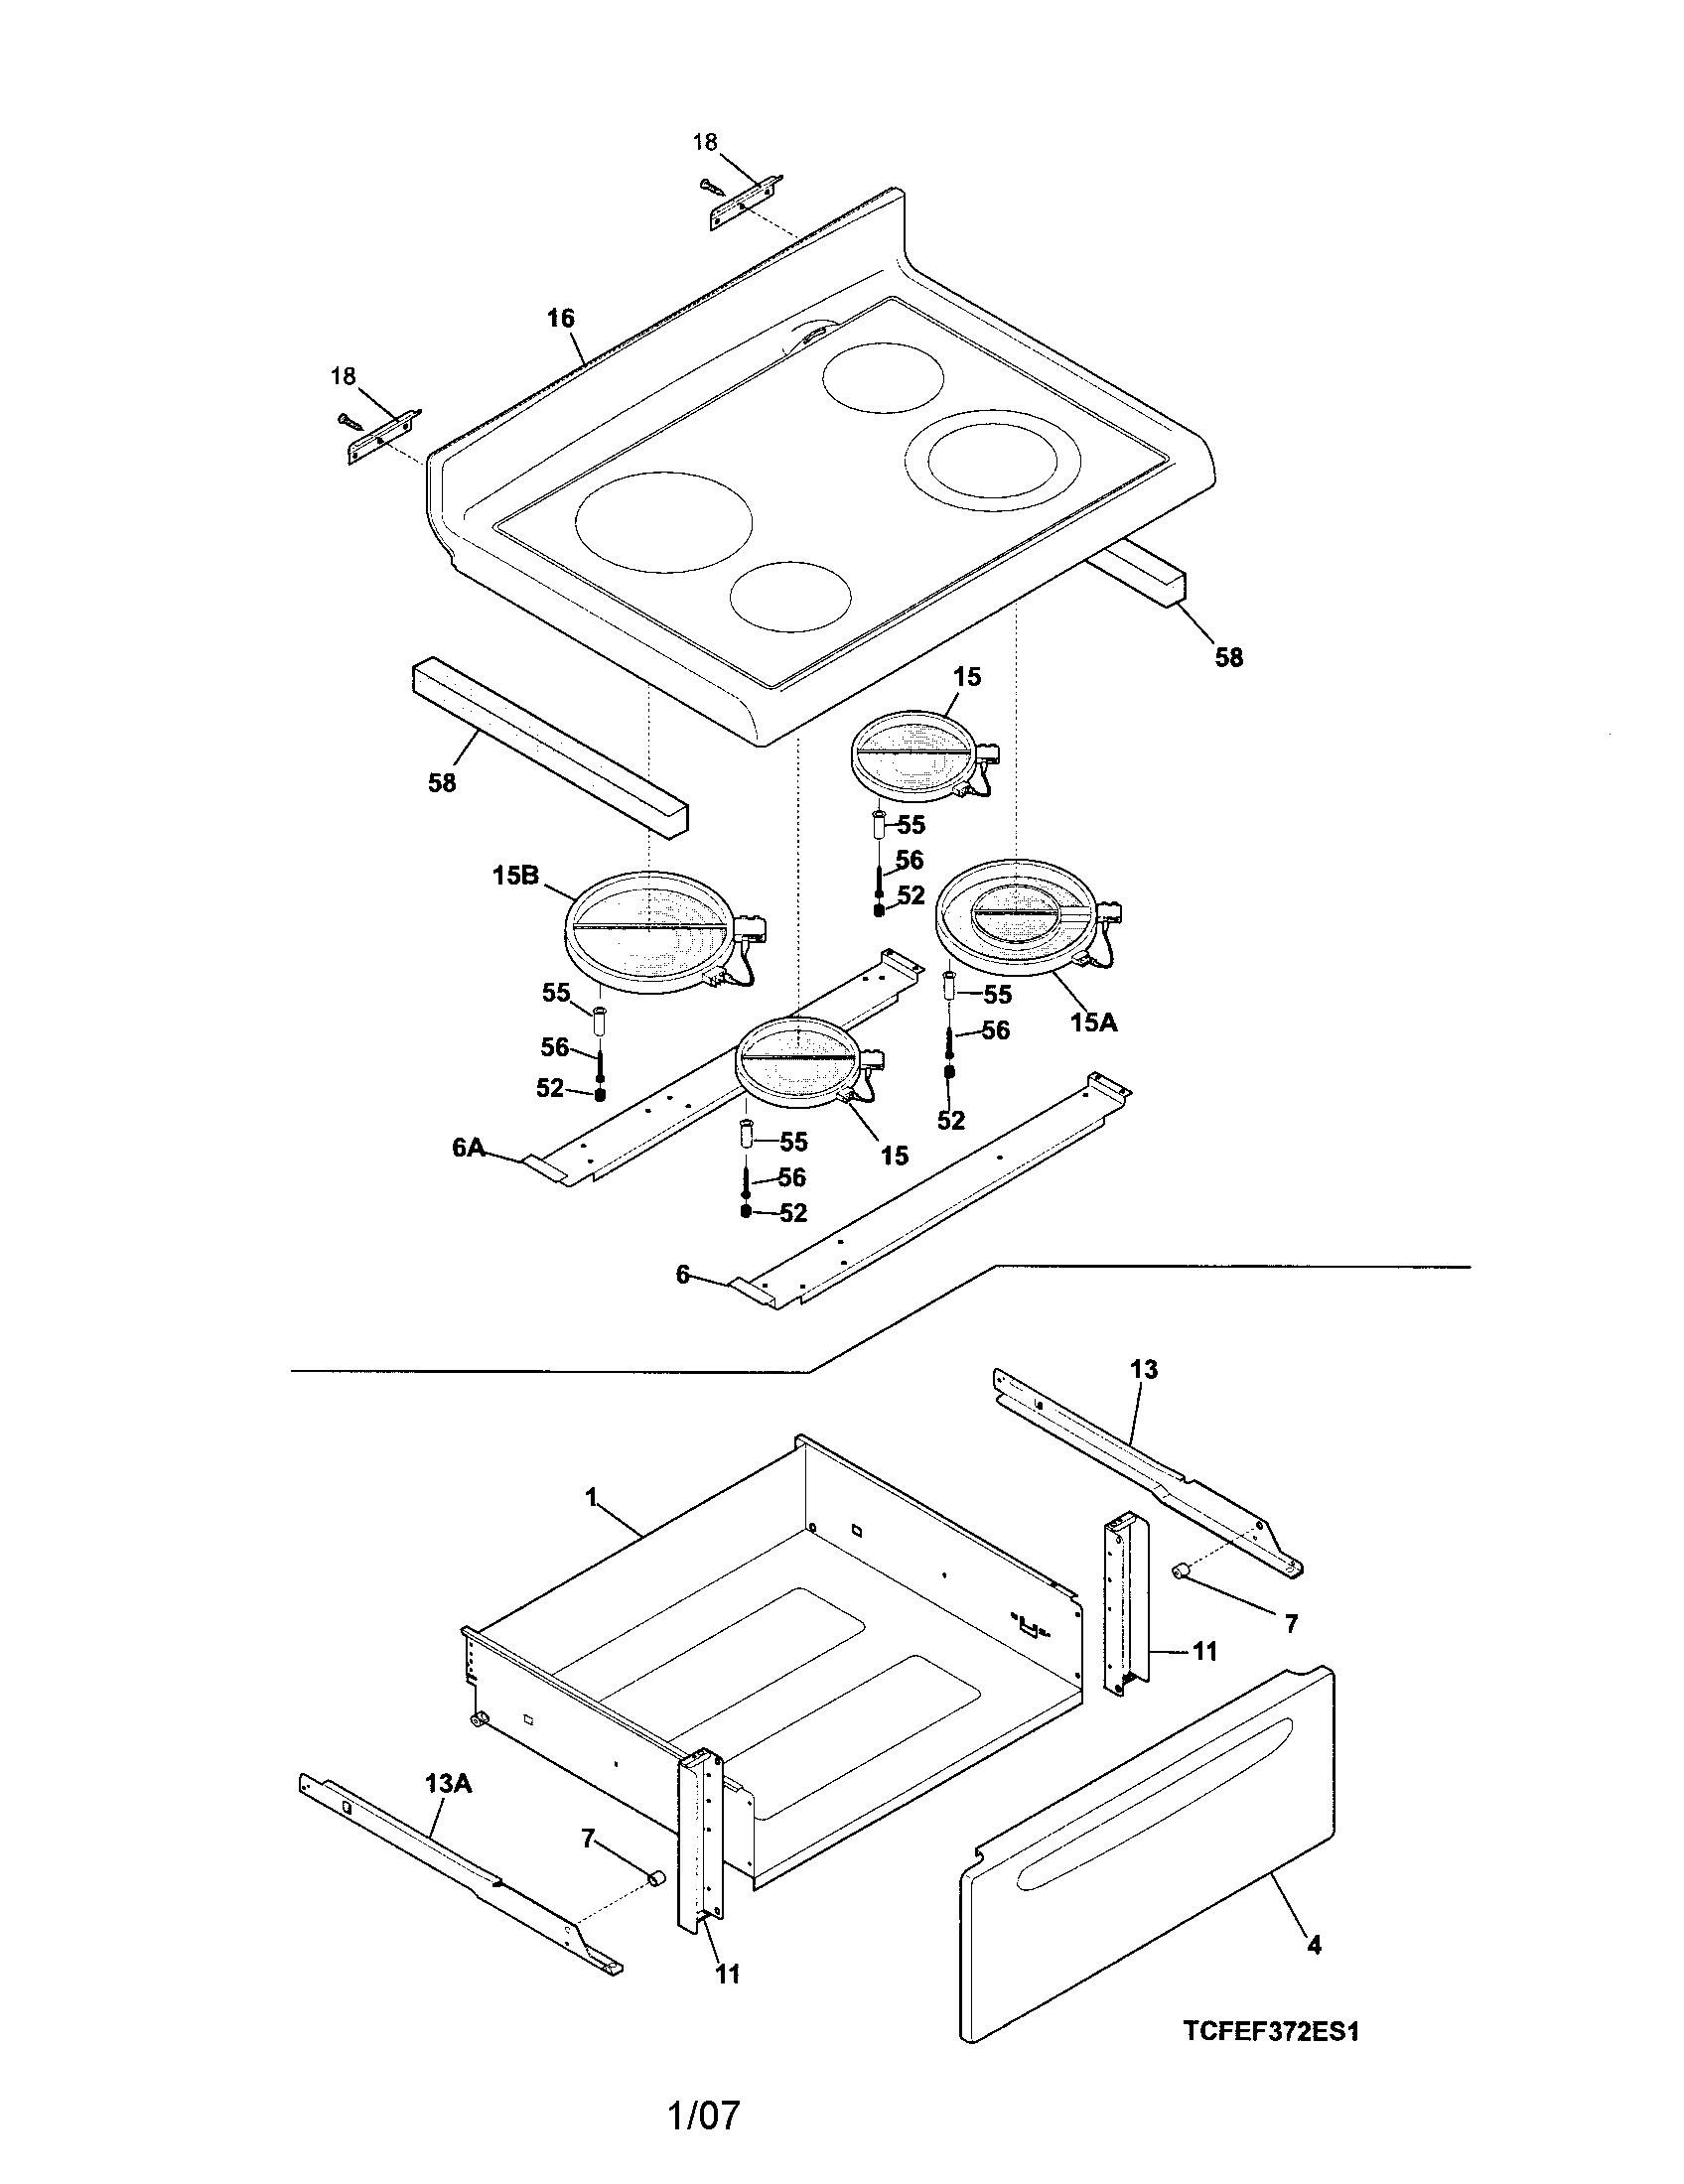 frigidaire wiring diagram stove